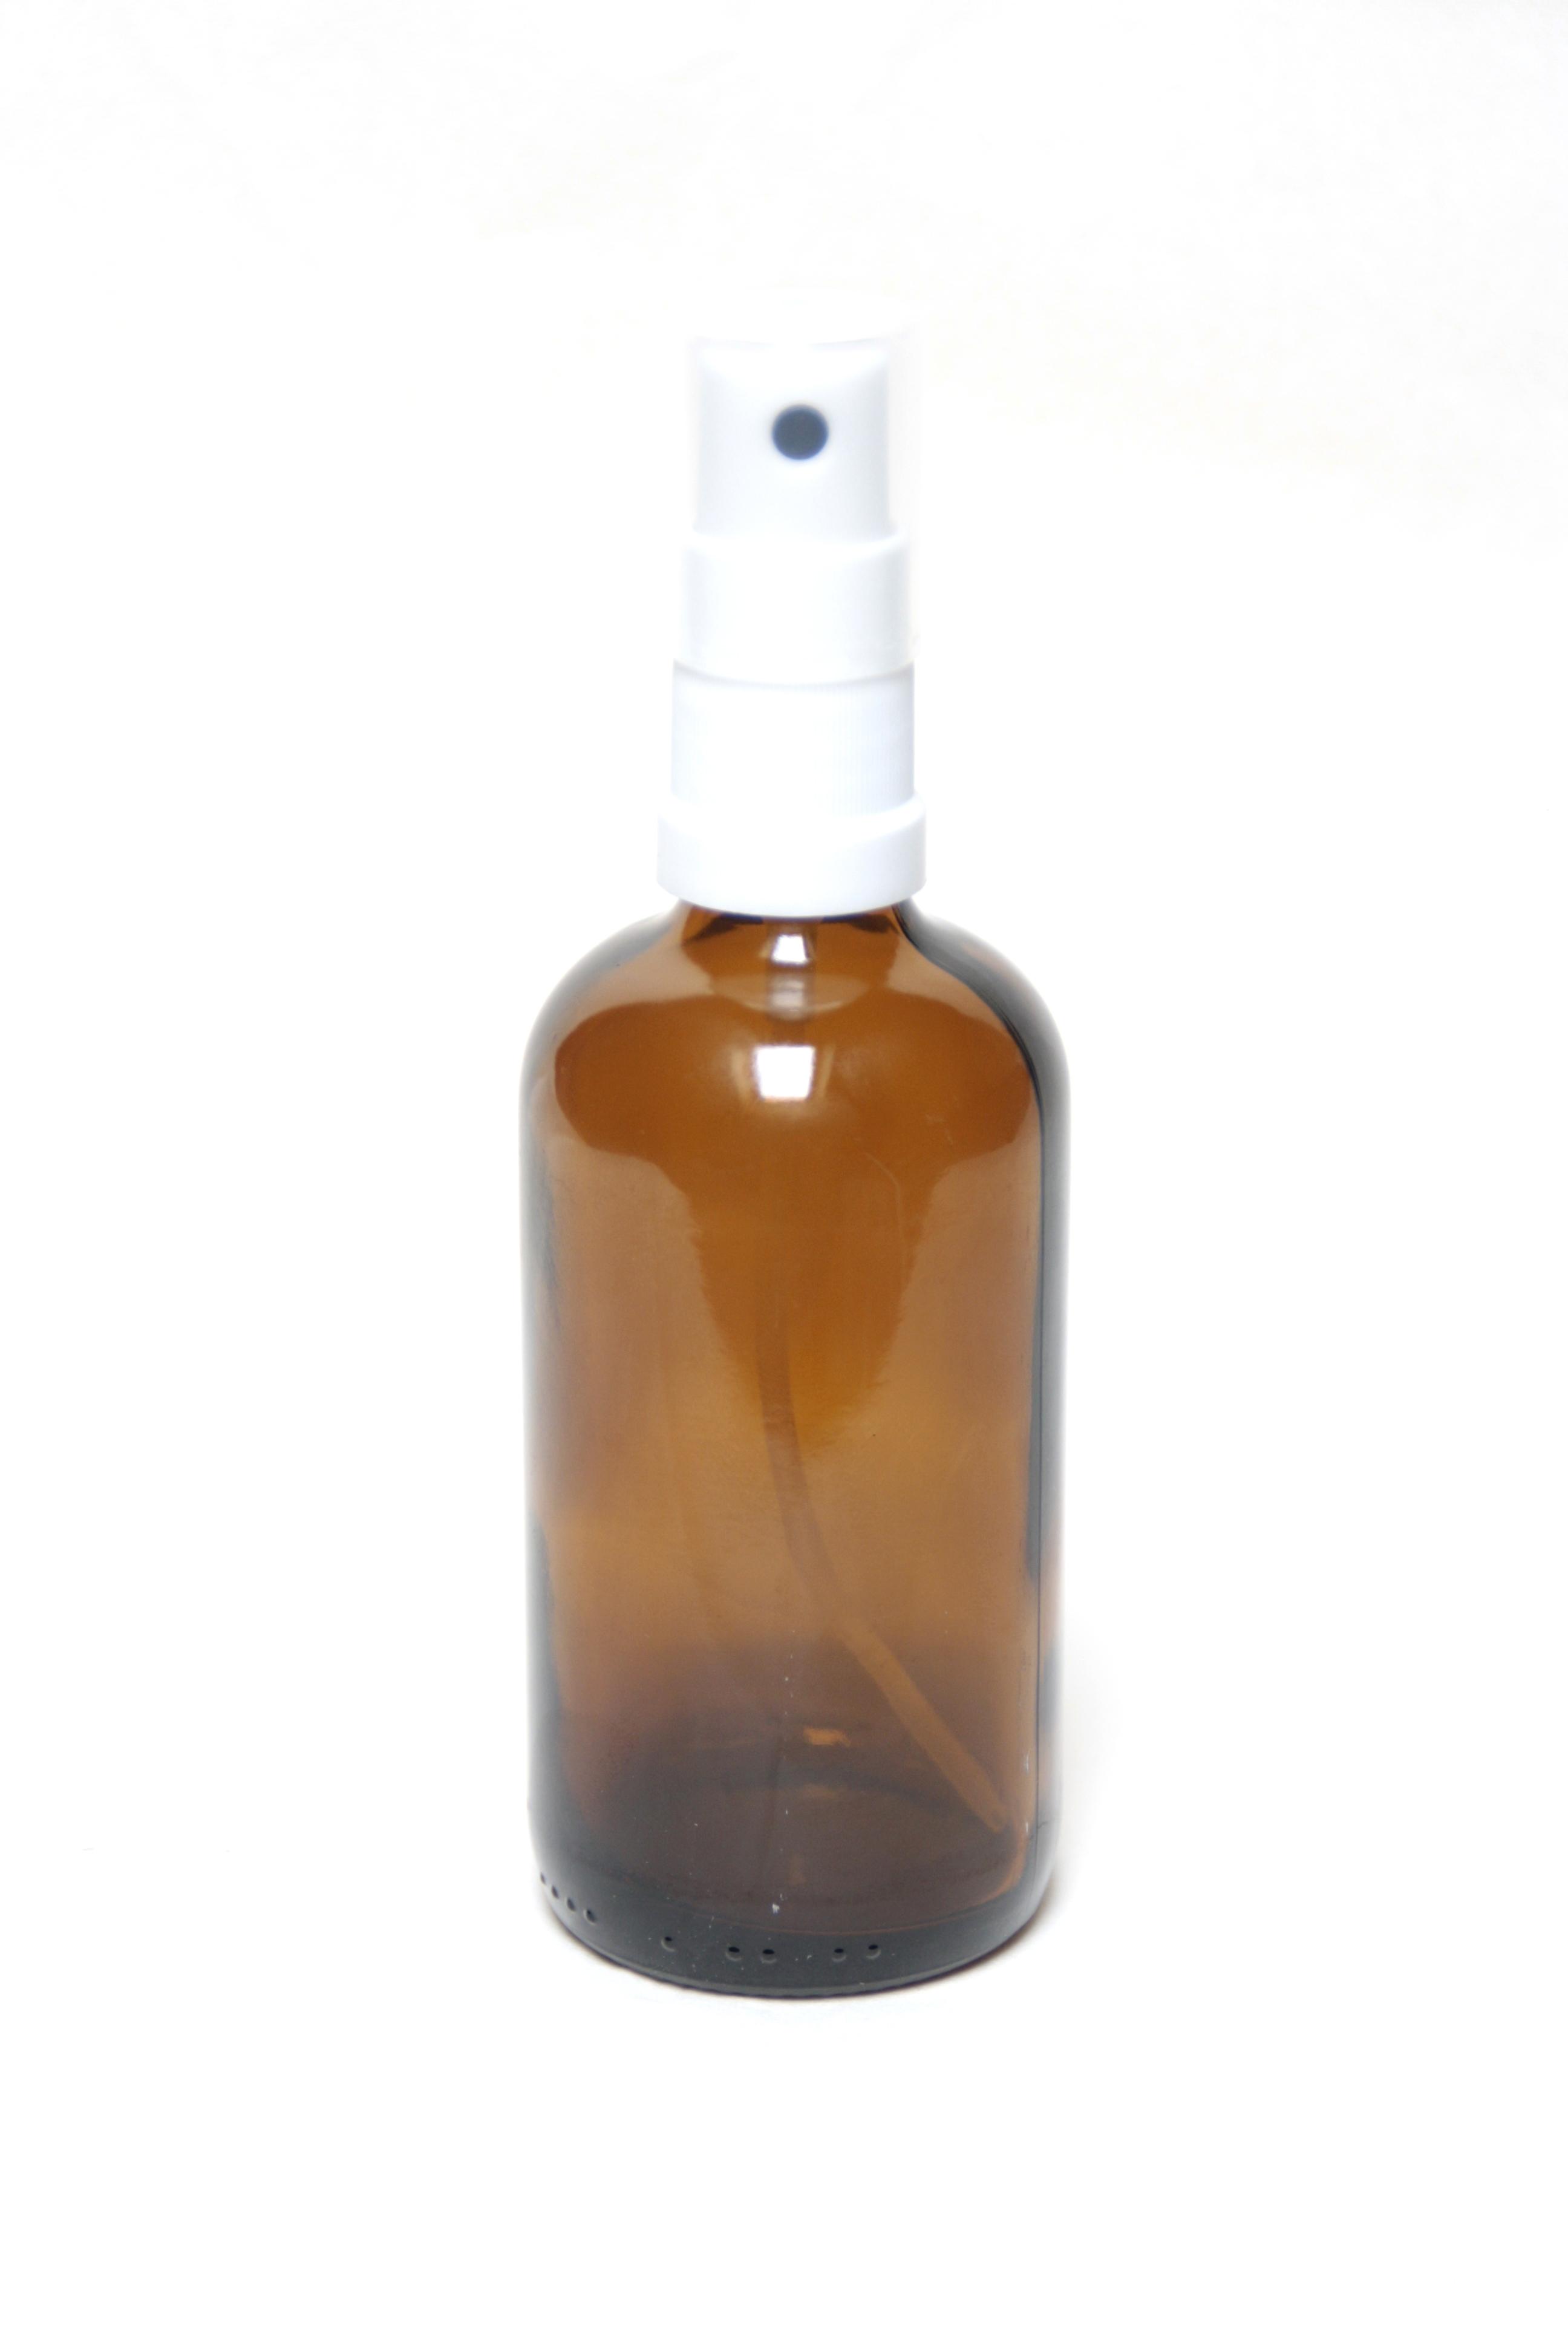 Braunglasflasche 100 ml mit Zerstäuber in weiß